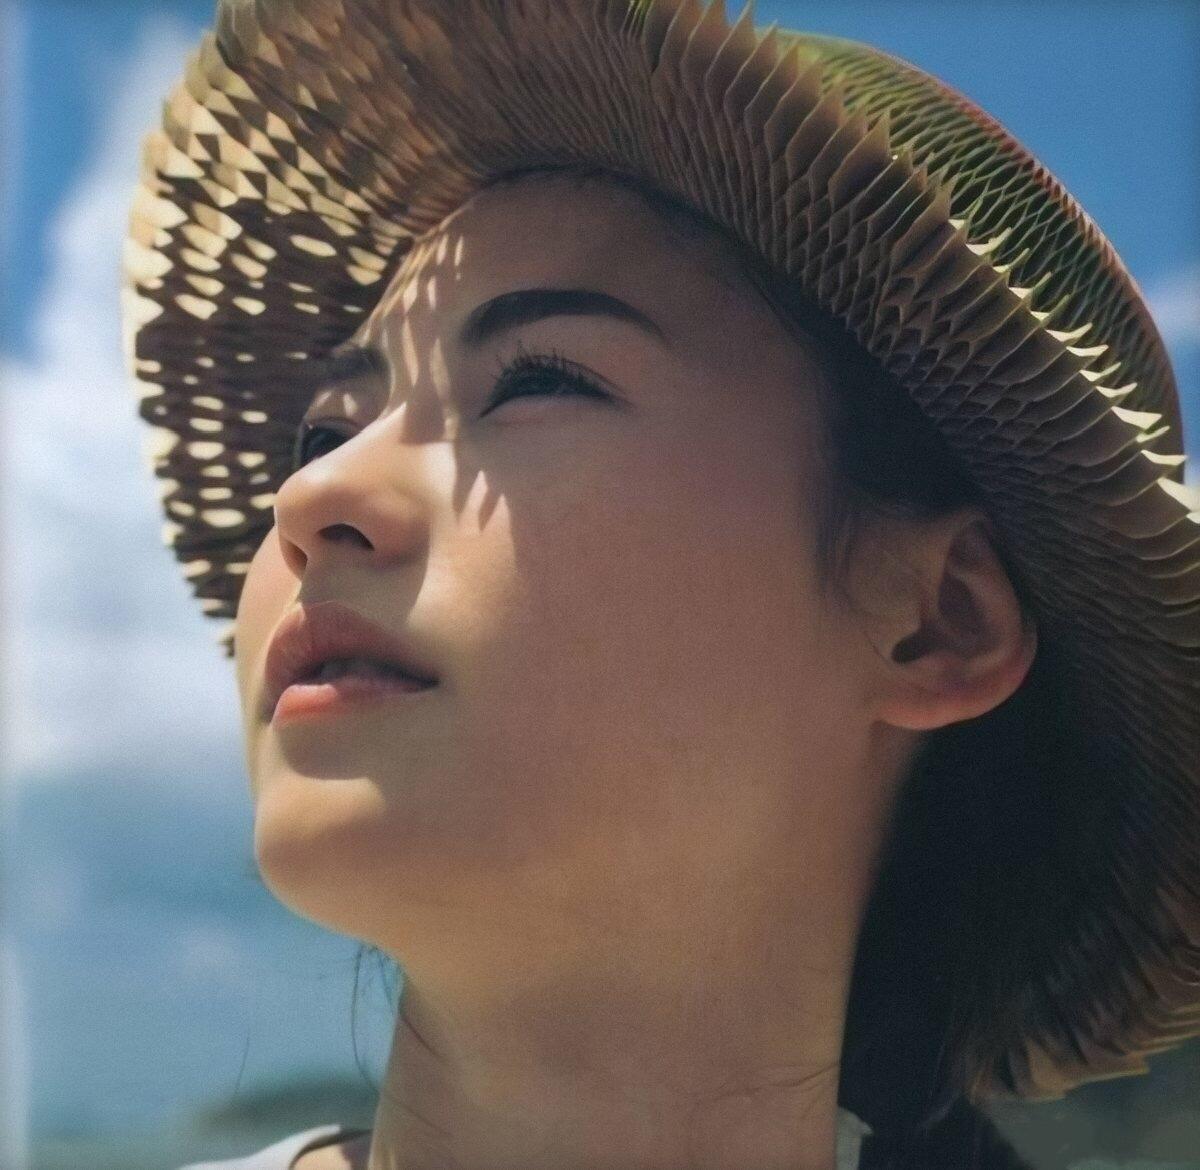 張柏芝再拍《任何天氣》寫真,與22年前無差別,時過境遷人未變